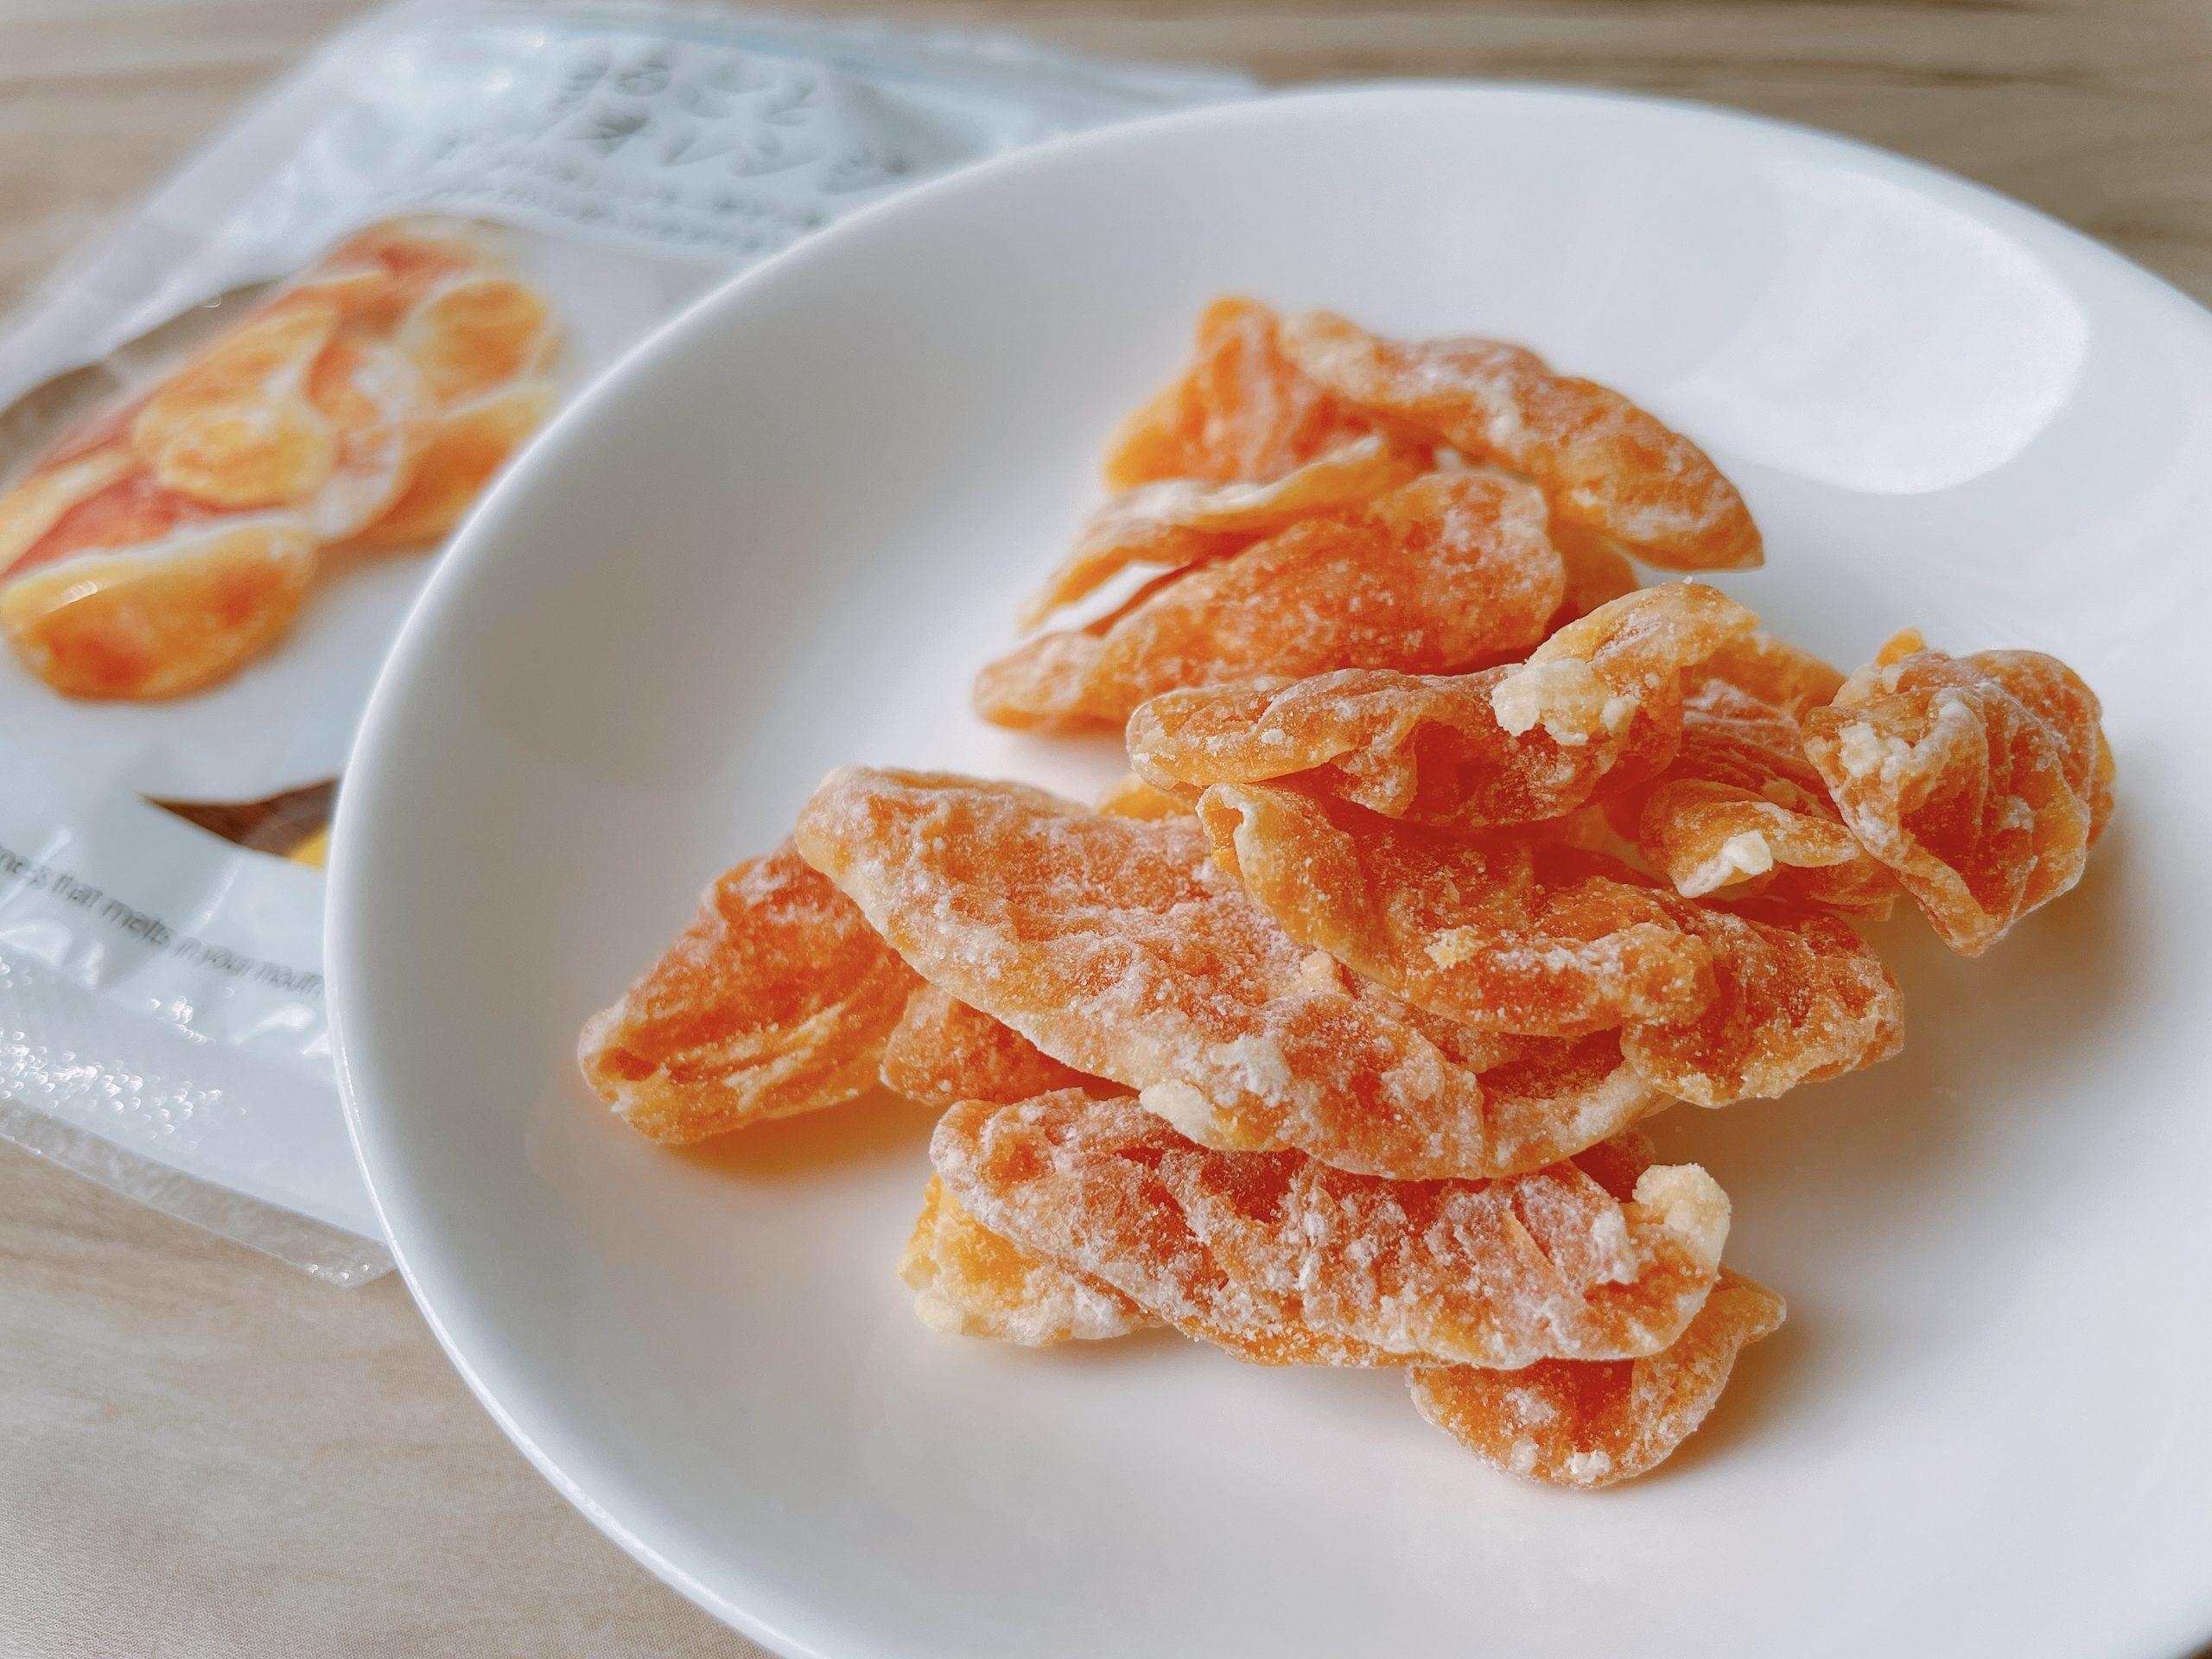 まるごとドライオレンジは、ずっと噛んでいたいと思わせる芳醇な甘さがある